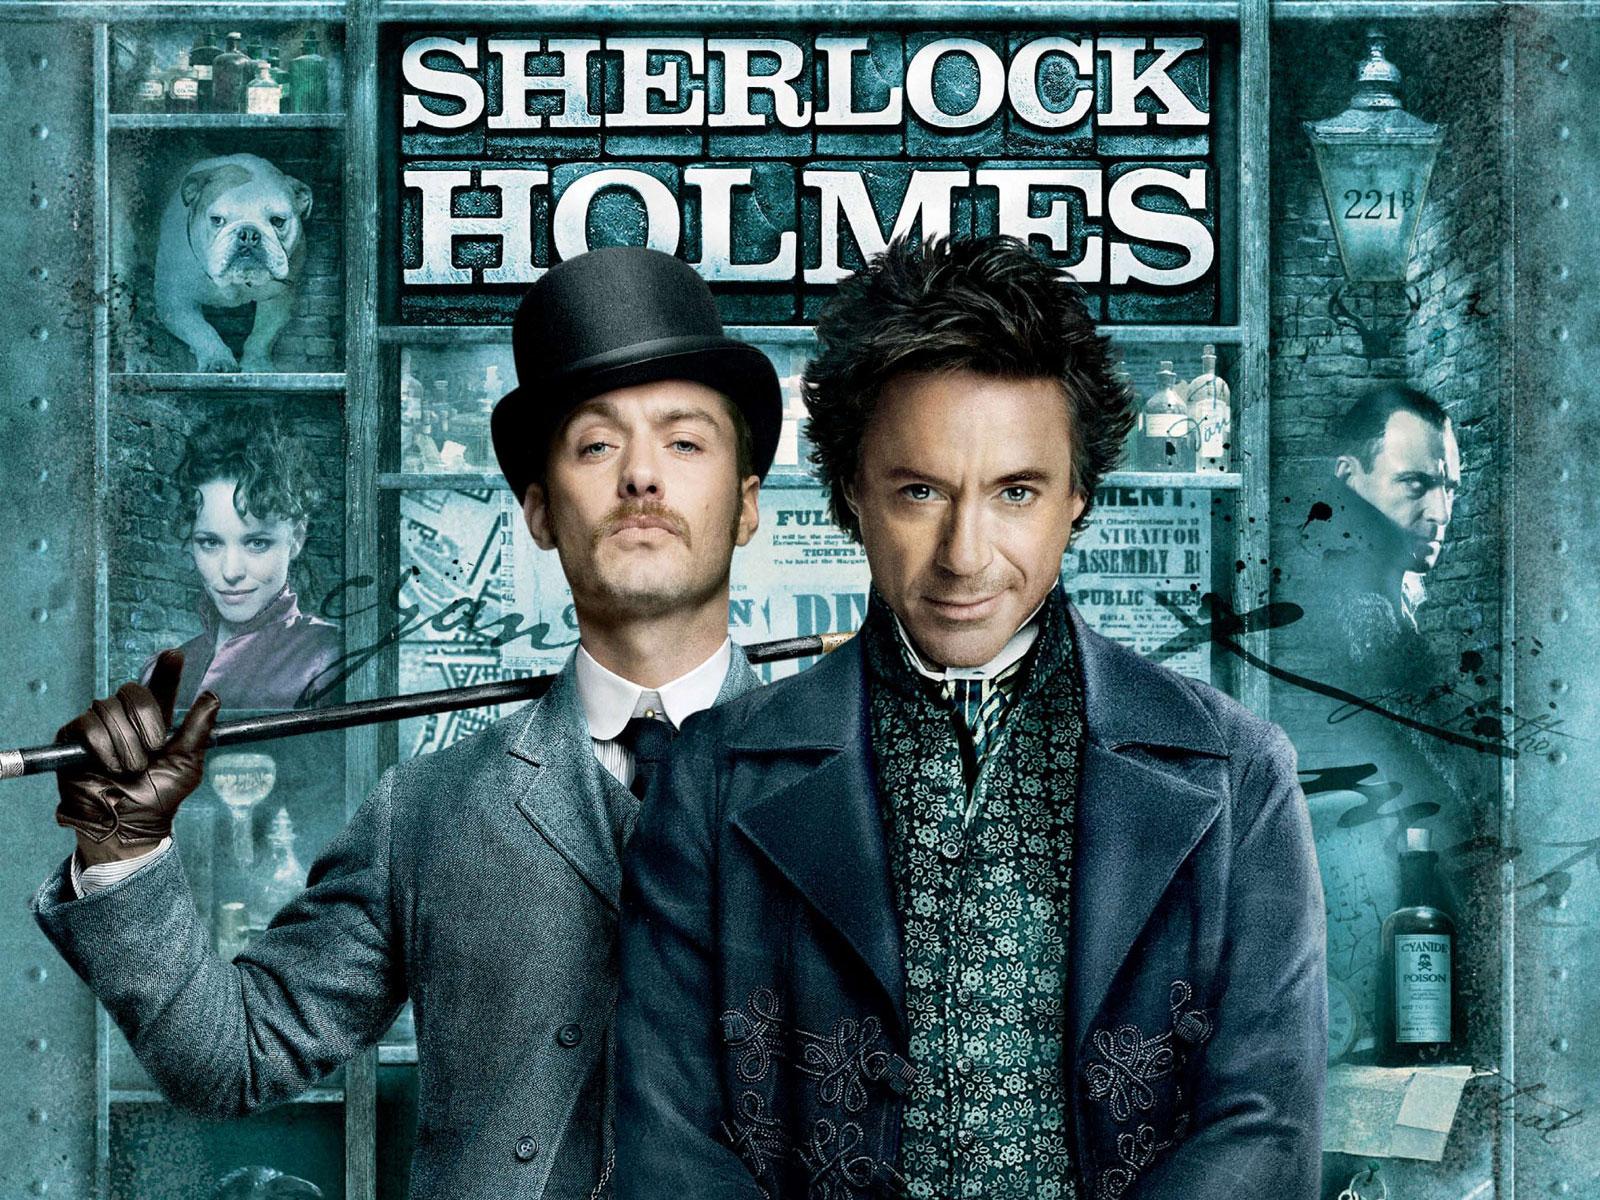 http://3.bp.blogspot.com/-pTOf8NpbzlQ/Tw9fuyIi2gI/AAAAAAAAb7o/rUDRehQQ7f4/s1600/sherlock_holmes_movie_poster-normal.jpg